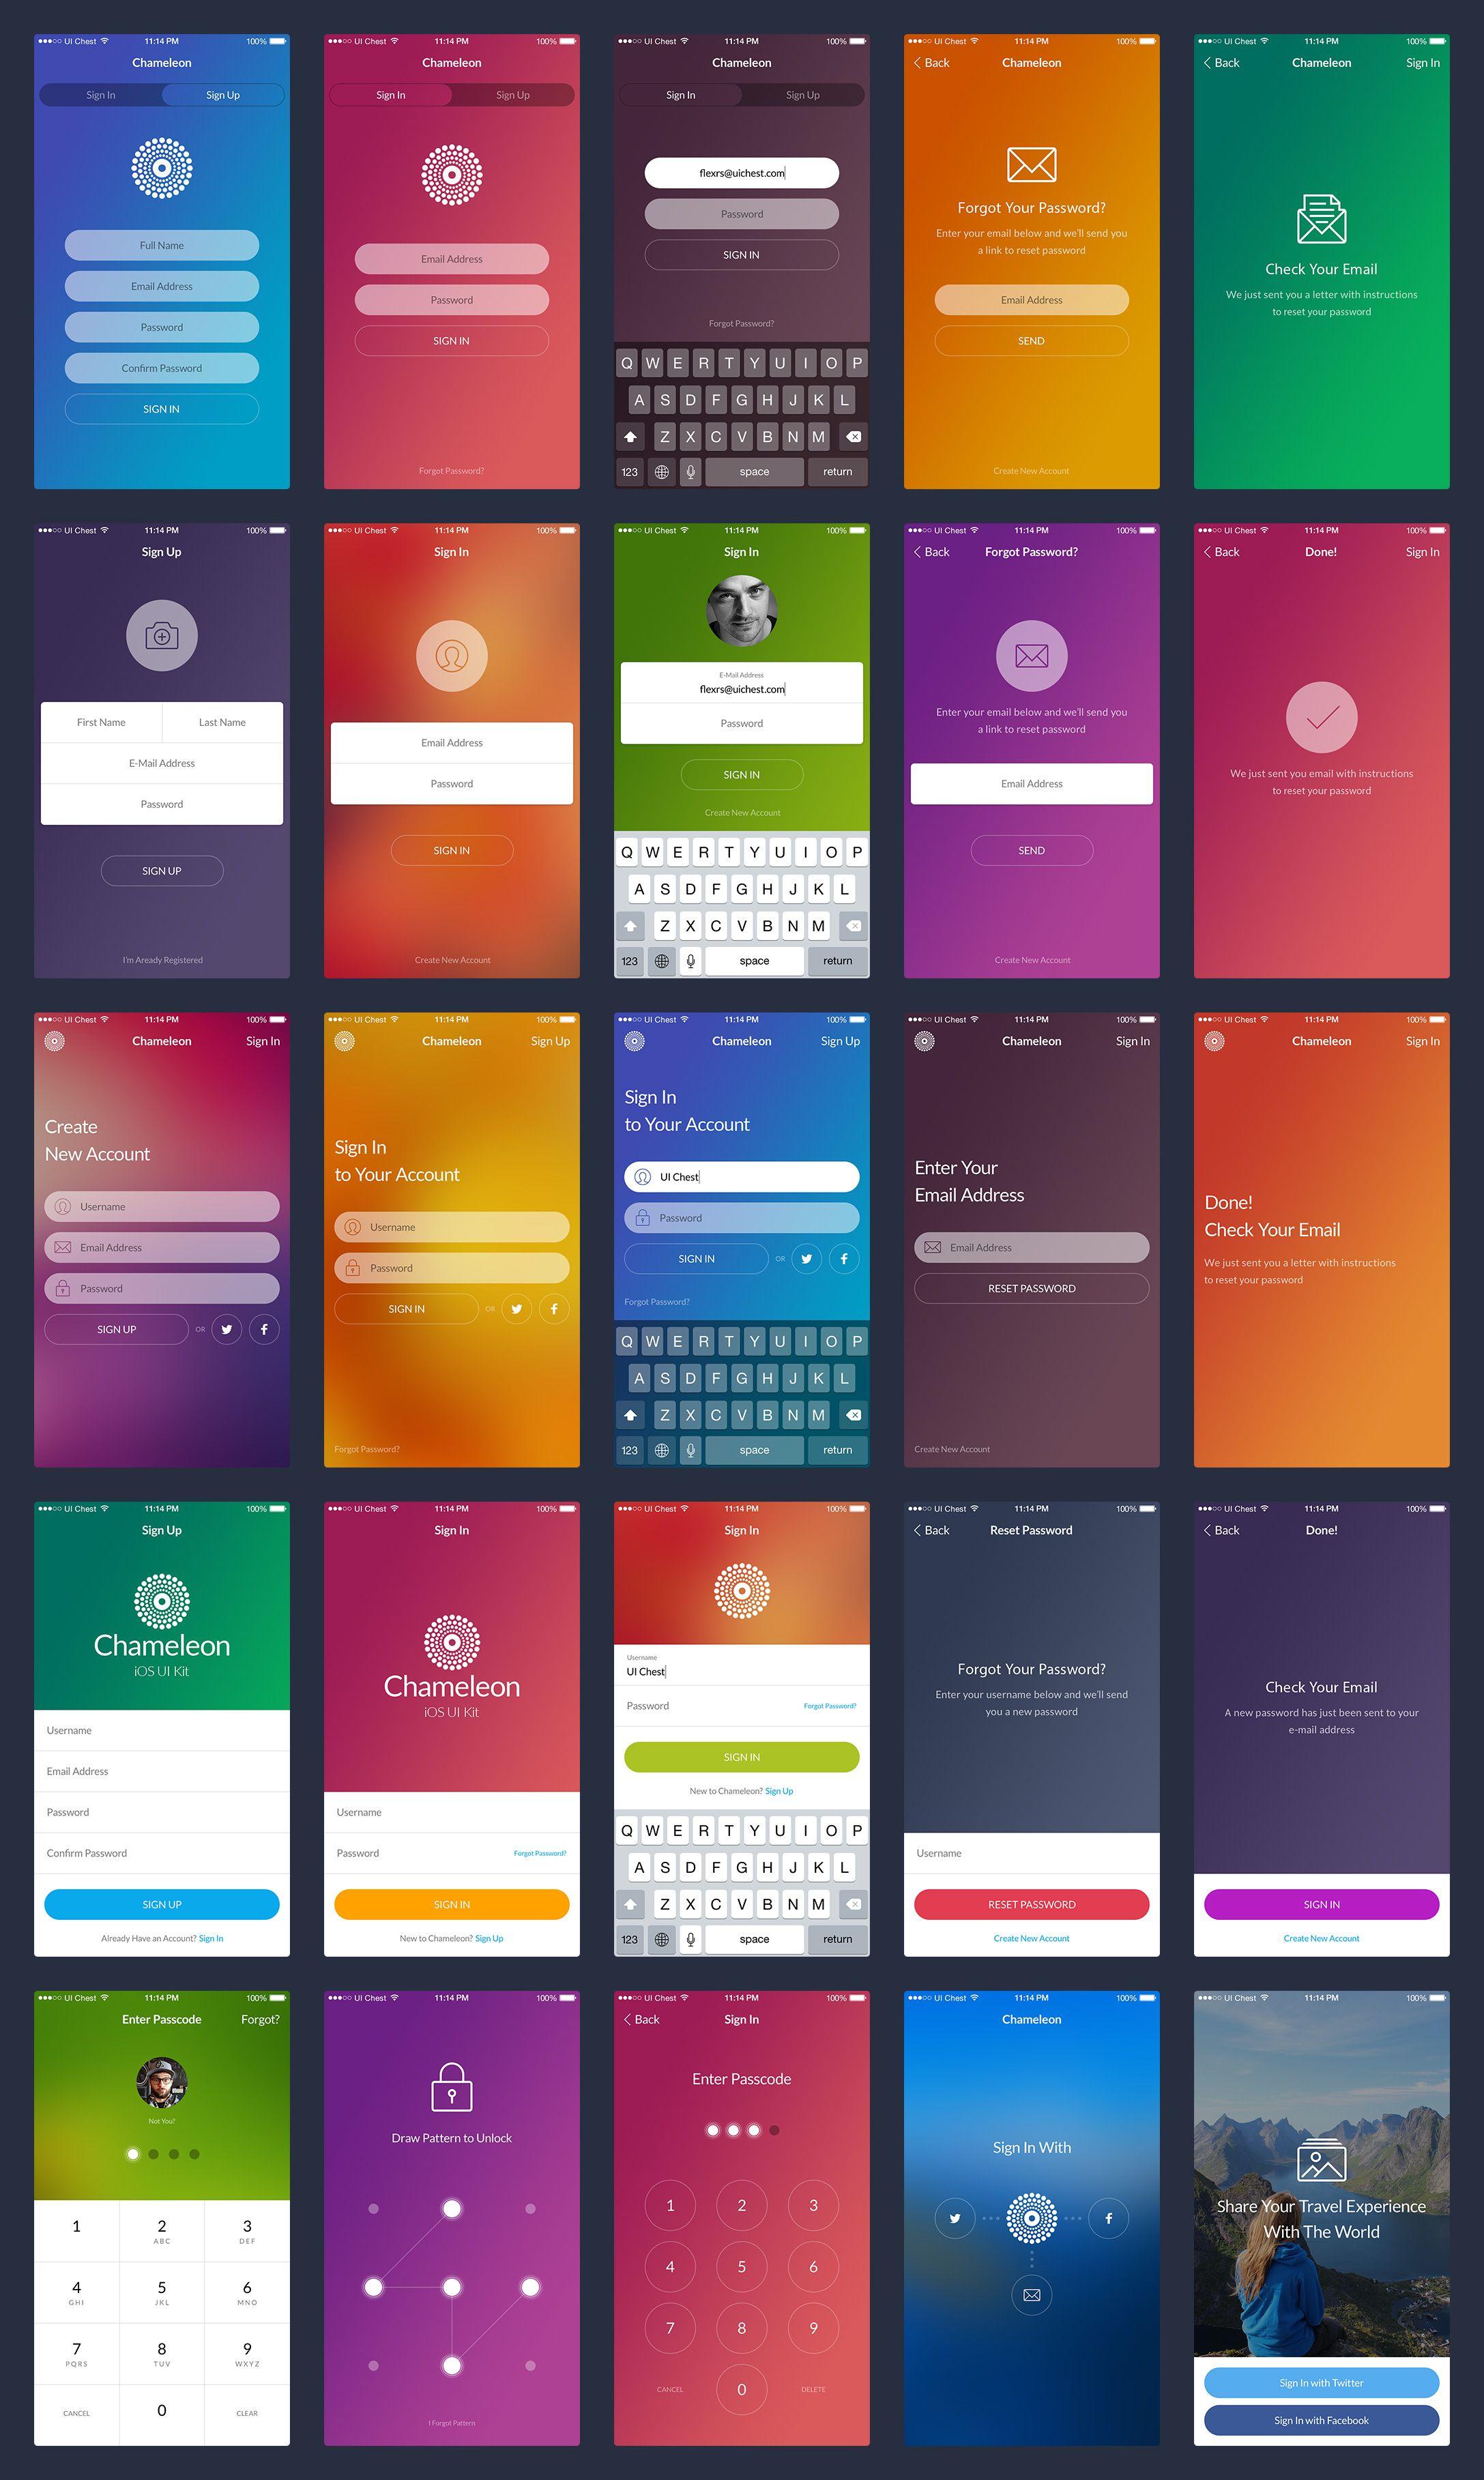 Chameleon UI Kit   UI Examples   Android app design, Ios app design